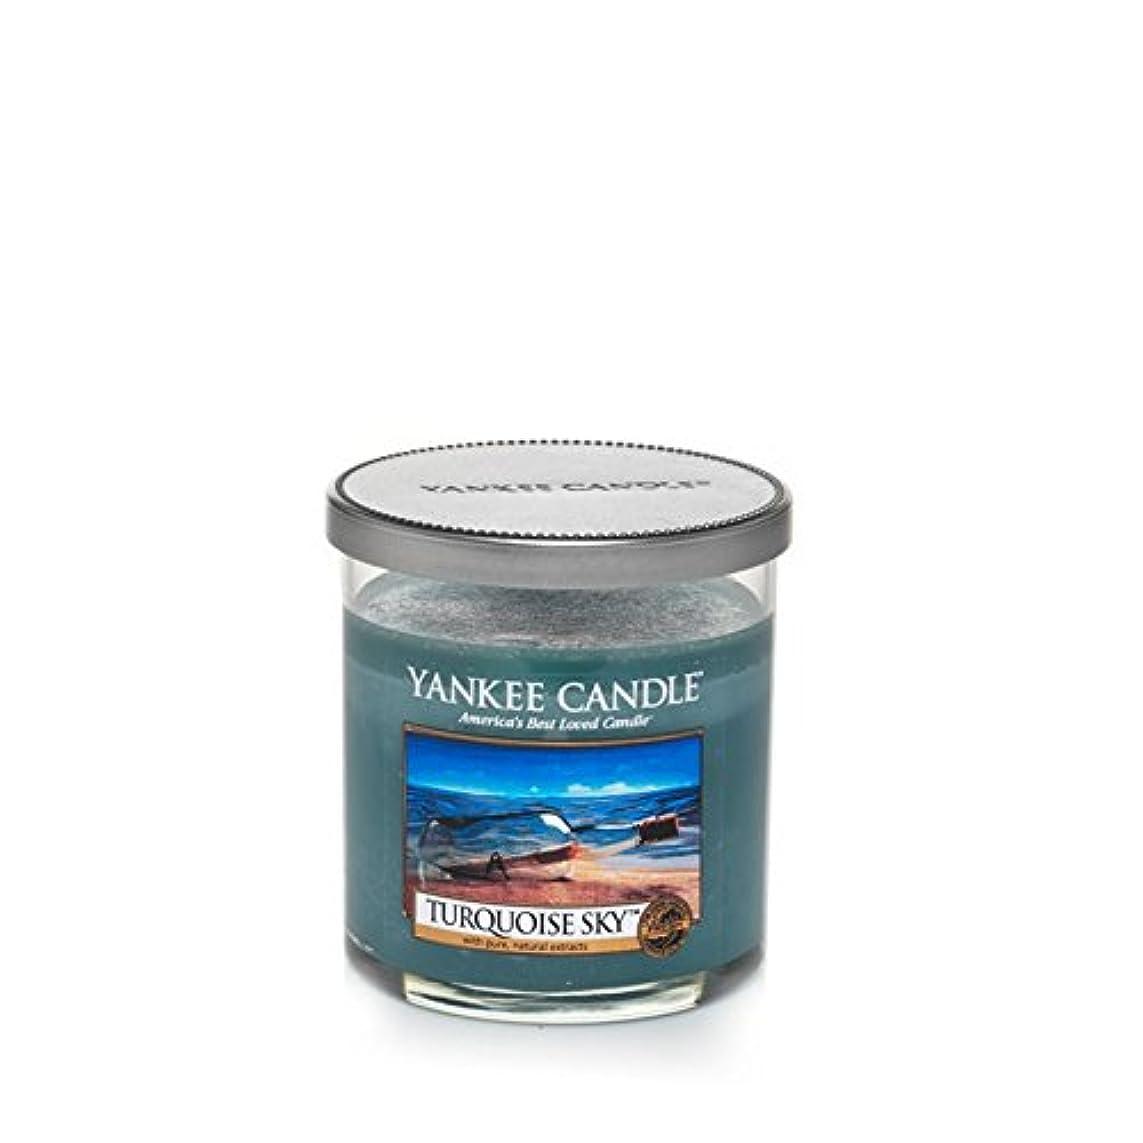 首謀者発行するツールヤンキーキャンドルの小さな柱キャンドル - ターコイズの空 - Yankee Candles Small Pillar Candle - Turquoise Sky (Yankee Candles) [並行輸入品]